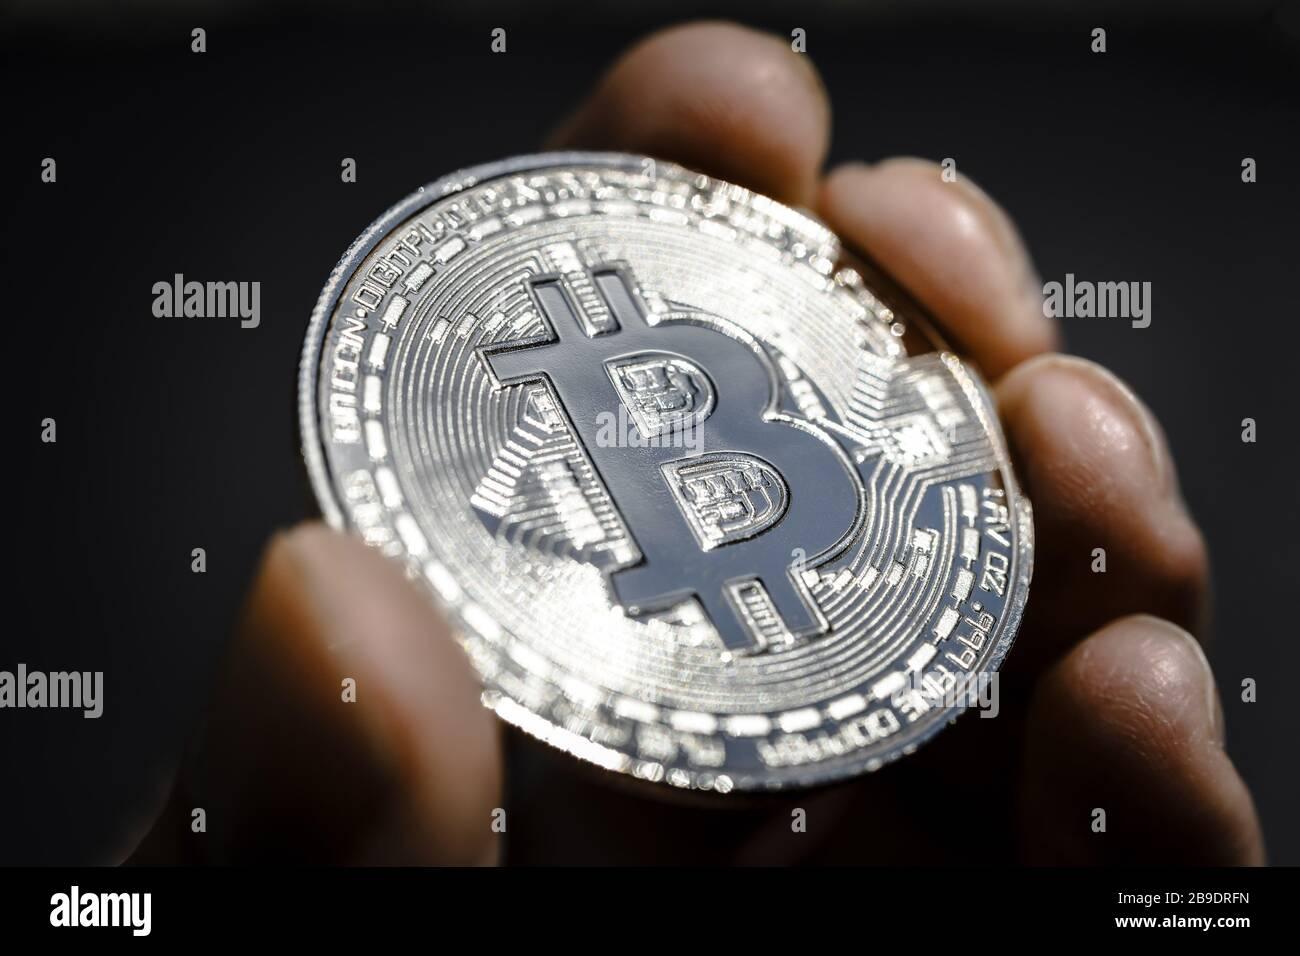 Coin with Bitcoin sign in a hand, Münze mit Bitcoin-Zeichen in einer Hand Stock Photo